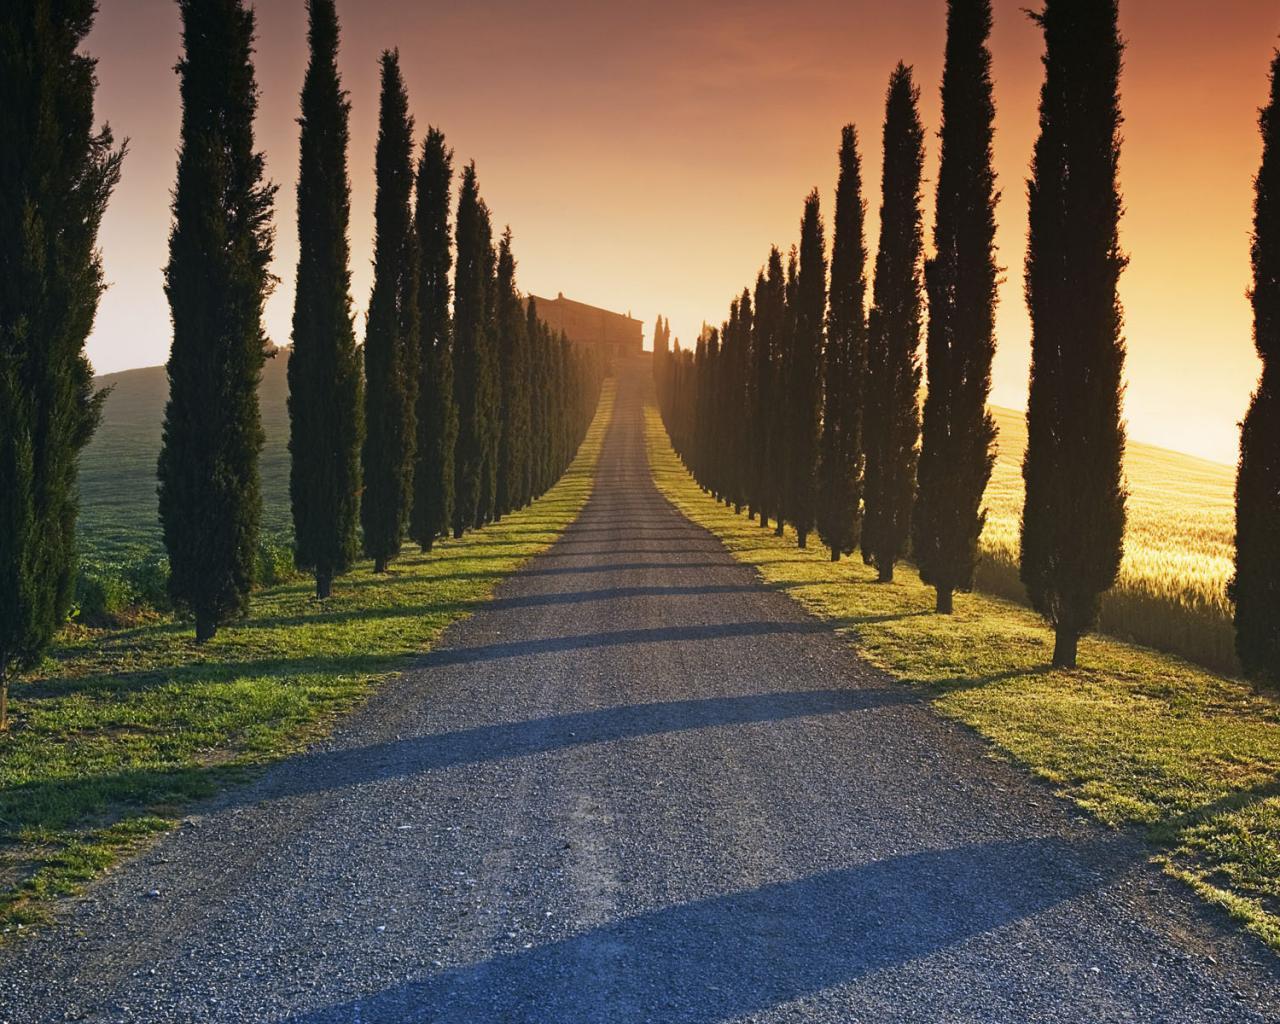 Дорога деревья закат дом обои для